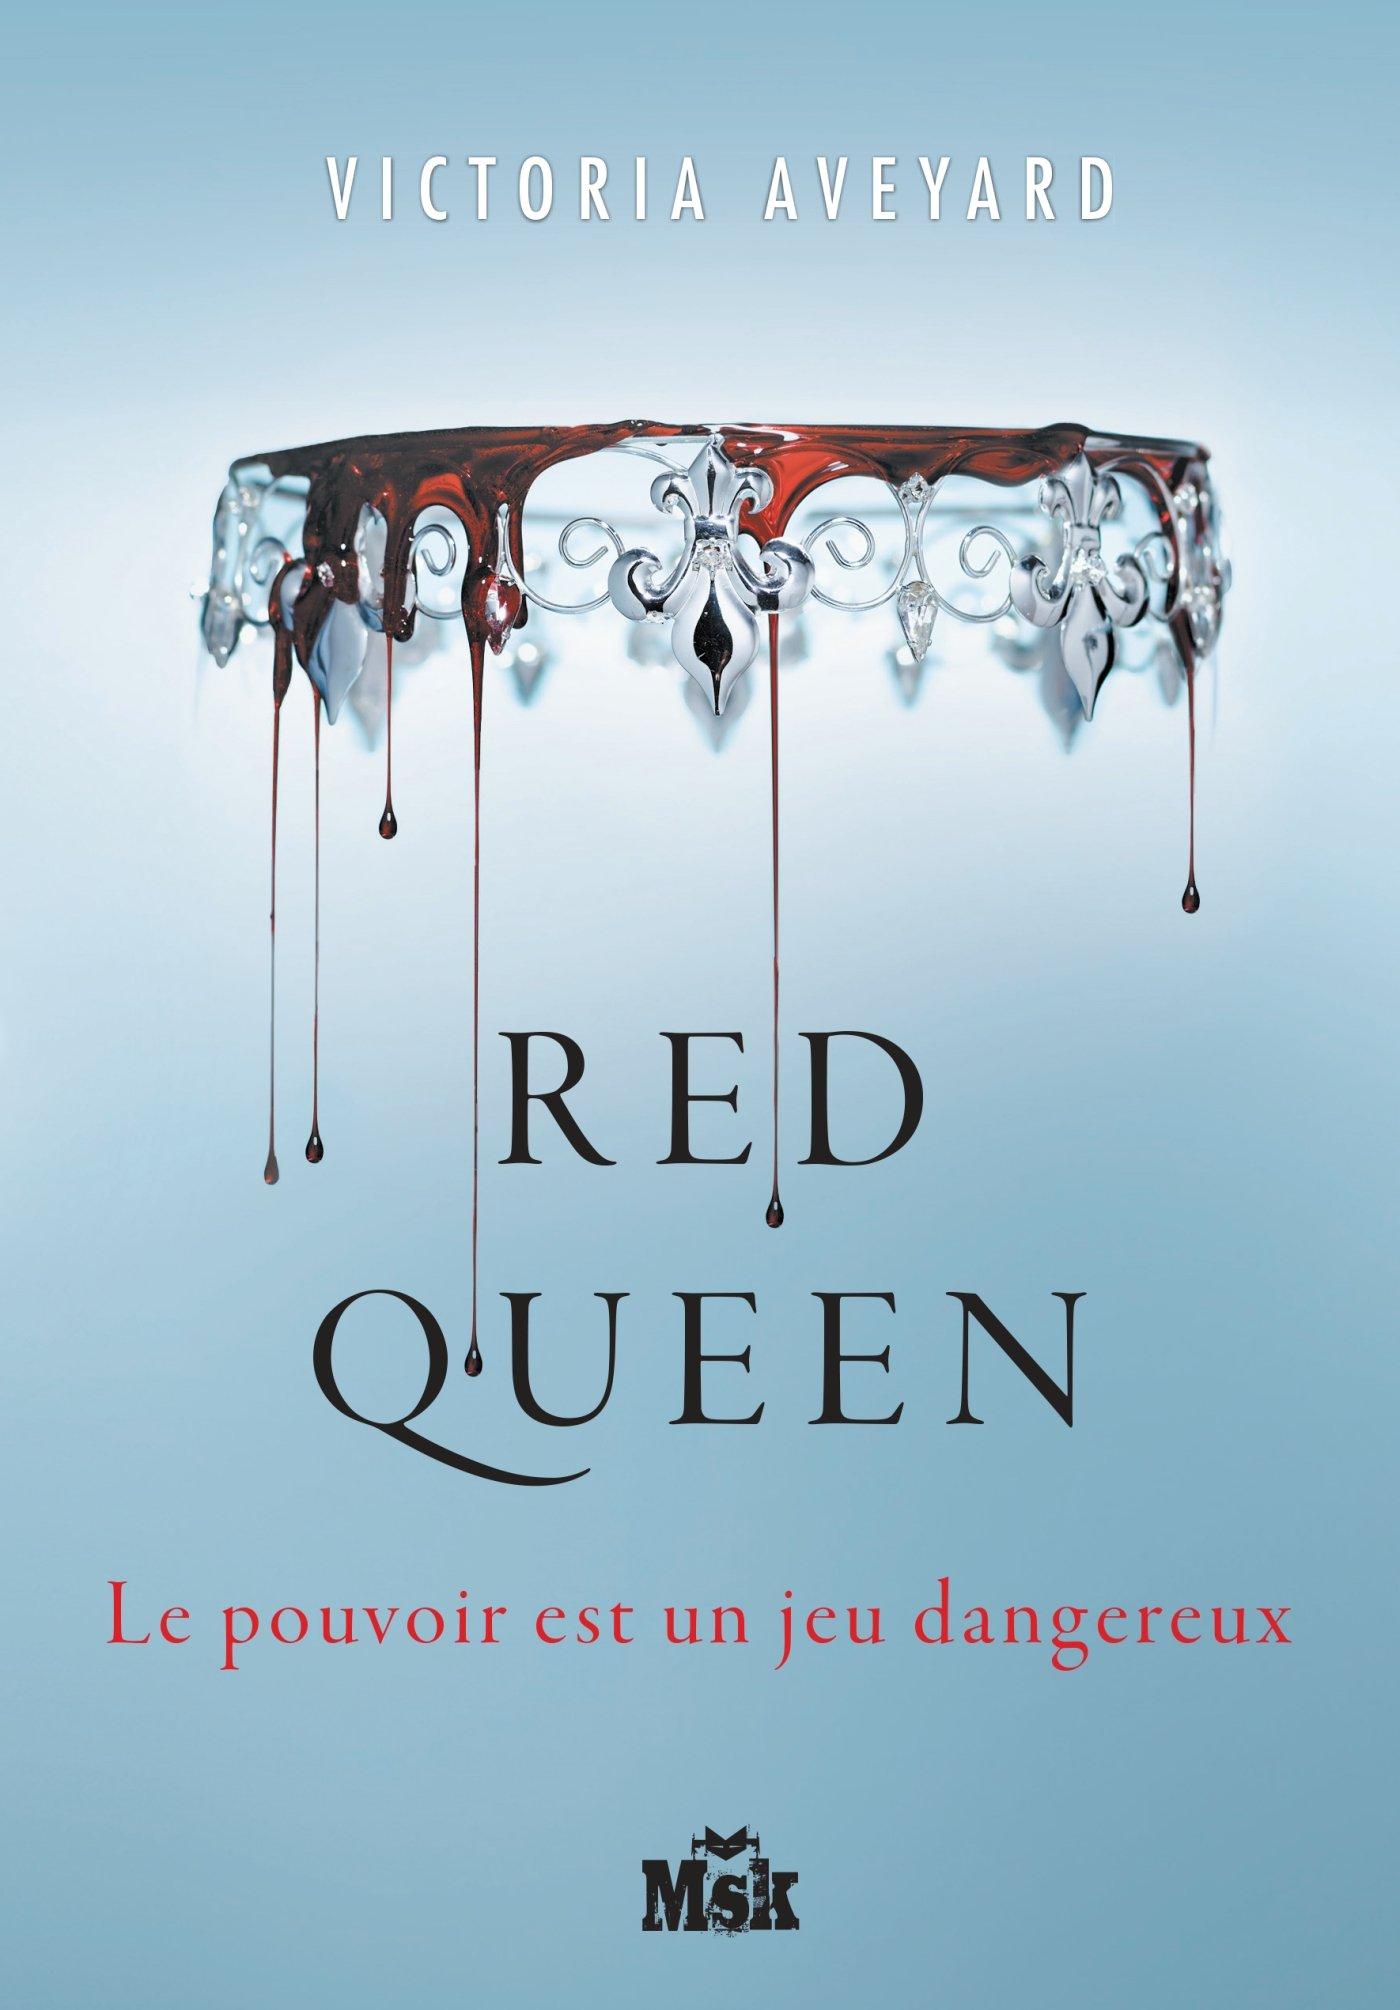 """Résultat de recherche d'images pour """"red queen livre"""""""